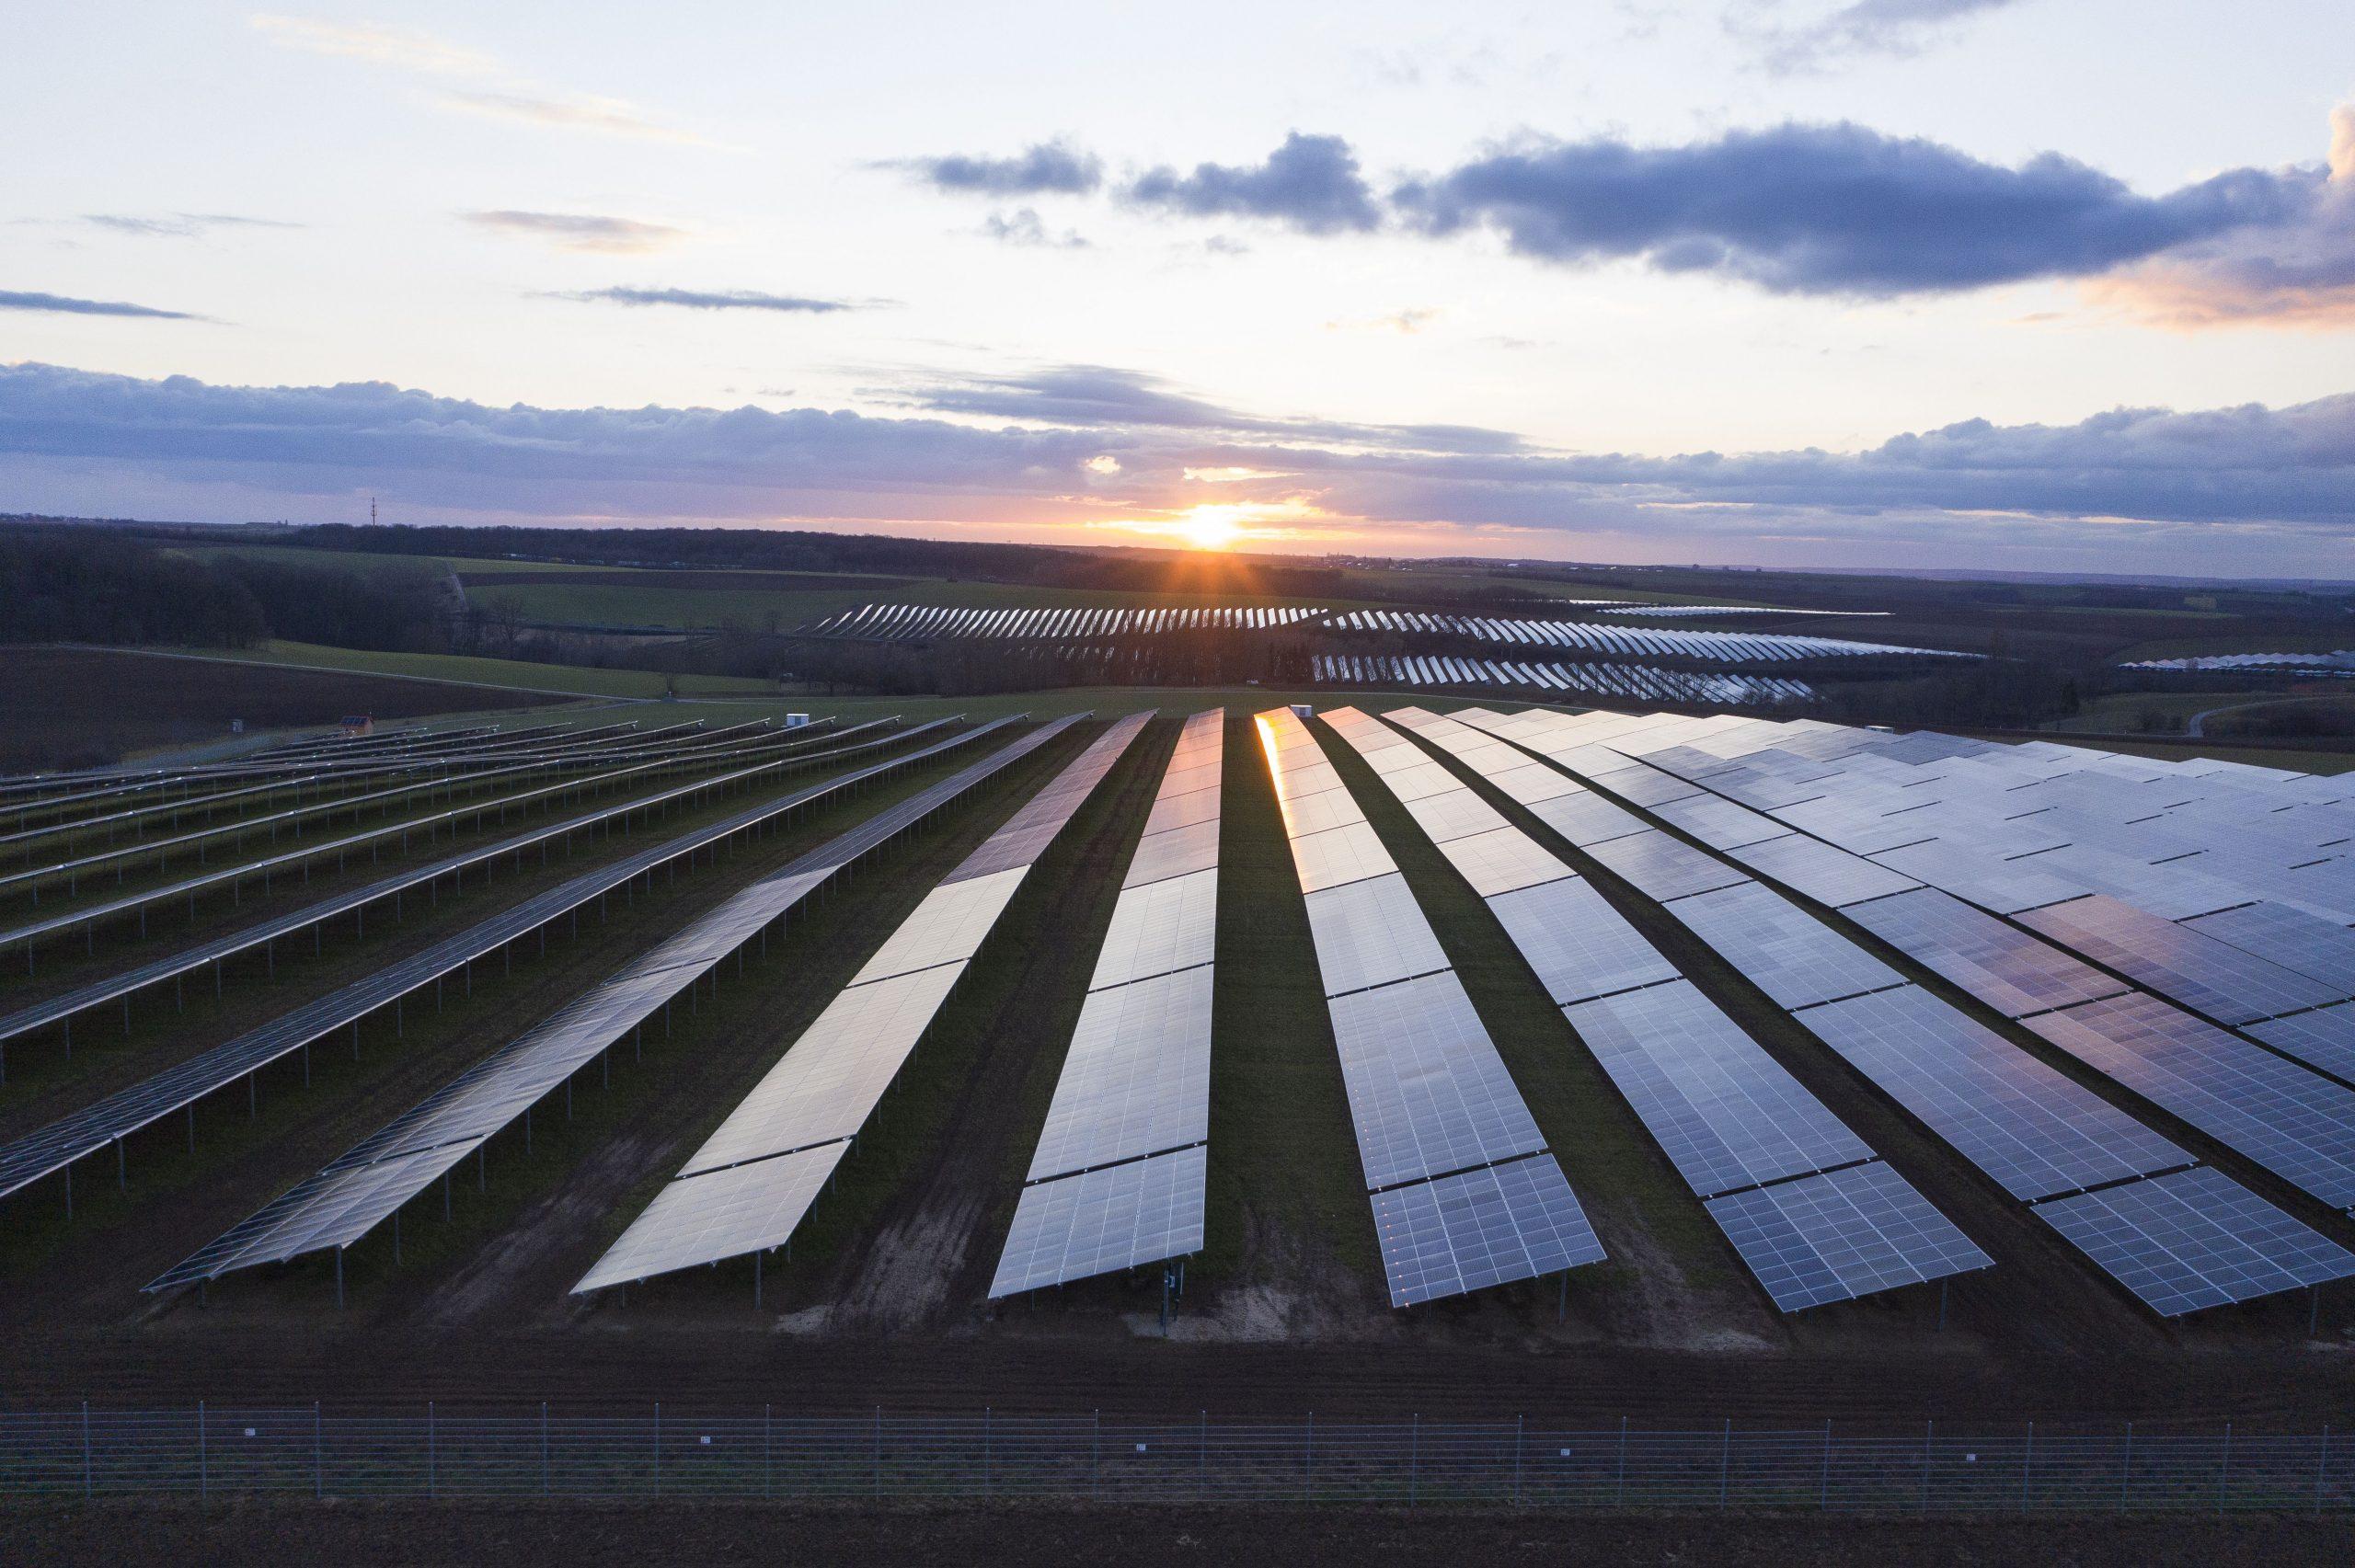 Solarenergie aus der Region